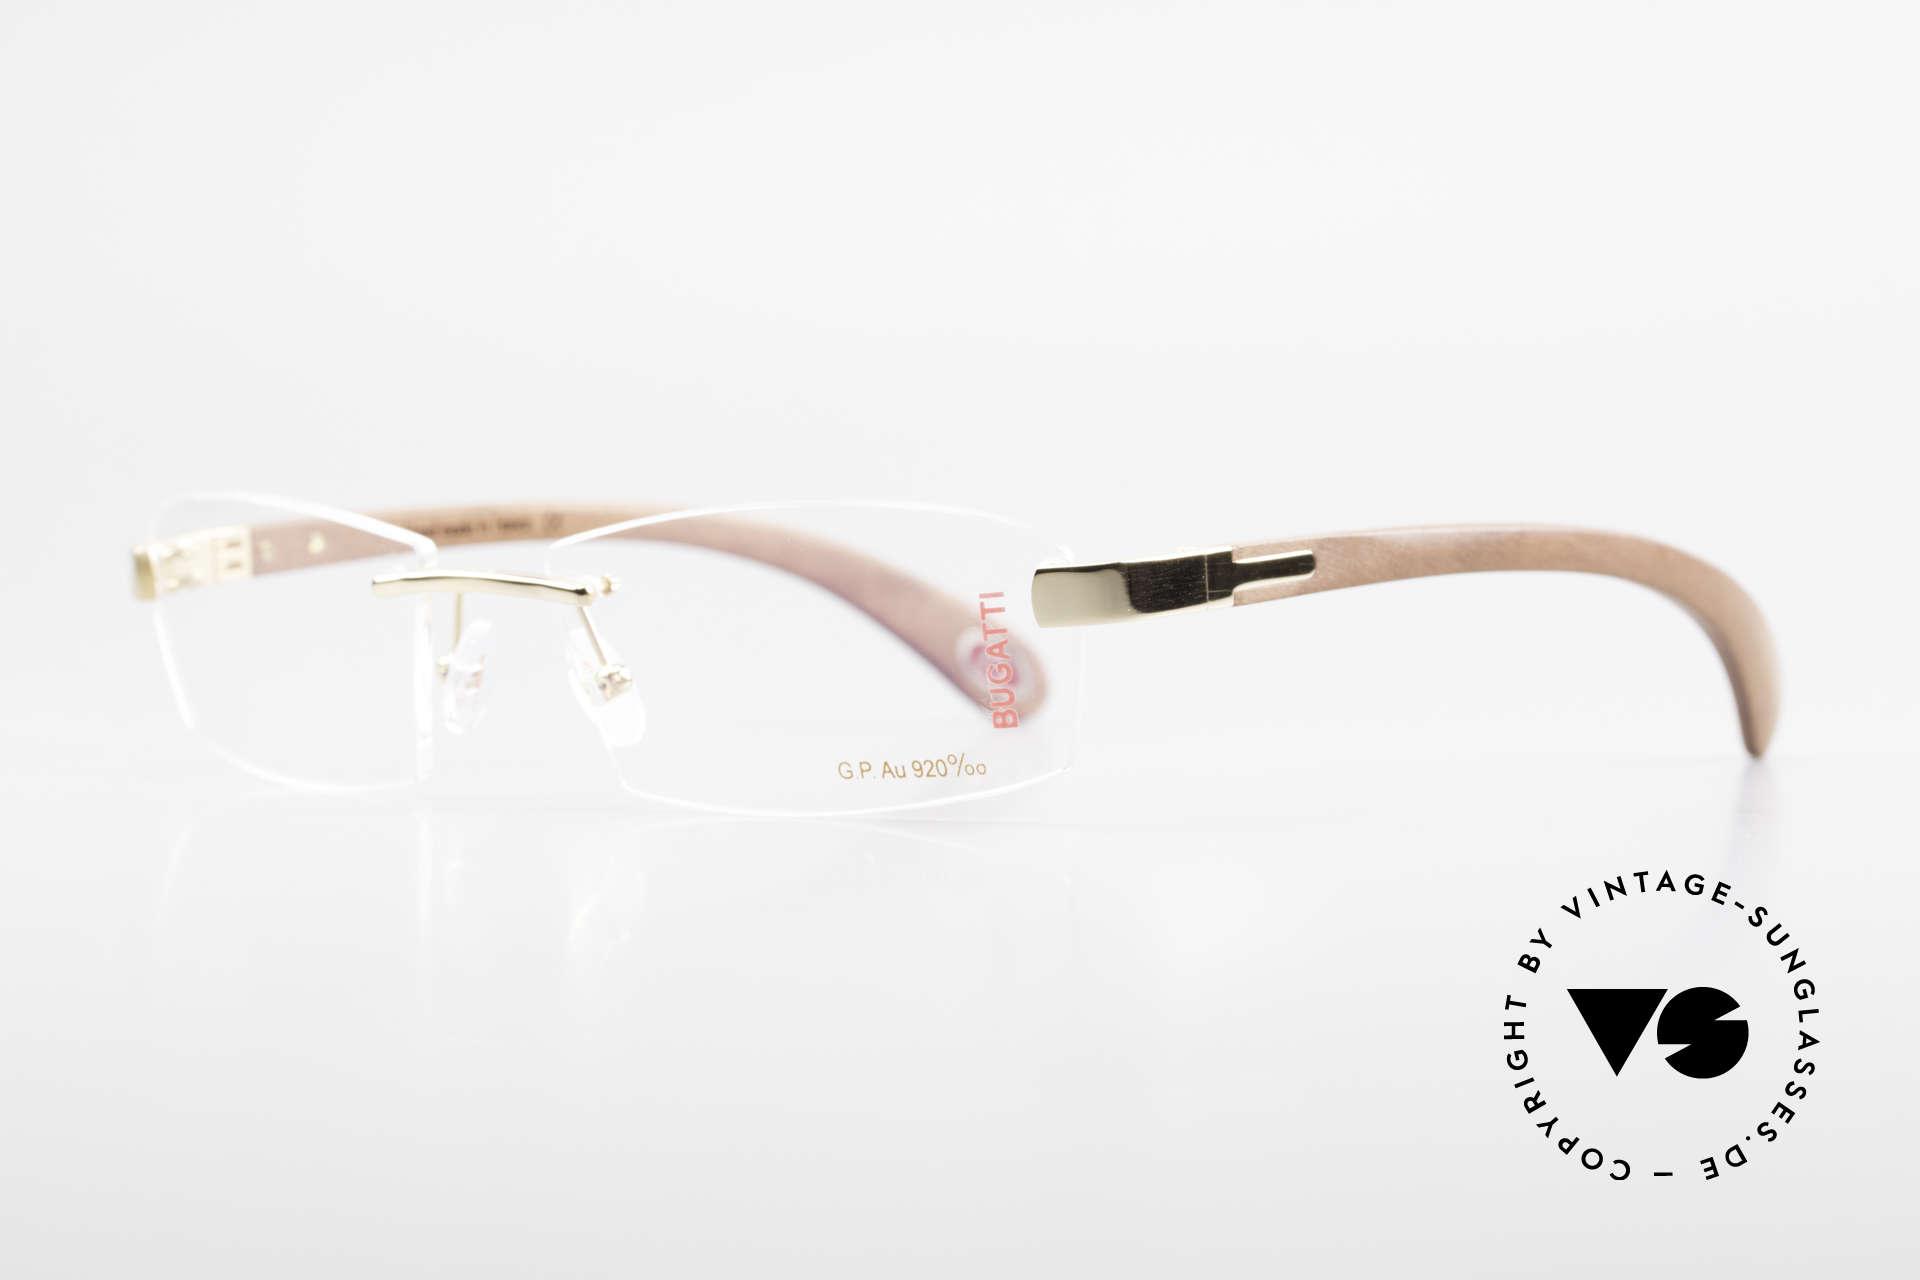 Bugatti 517 Kotibé Tropenholz Gold Brille, dieses mahagonifarbene Holz ist sehr leicht & robust, Passend für Herren